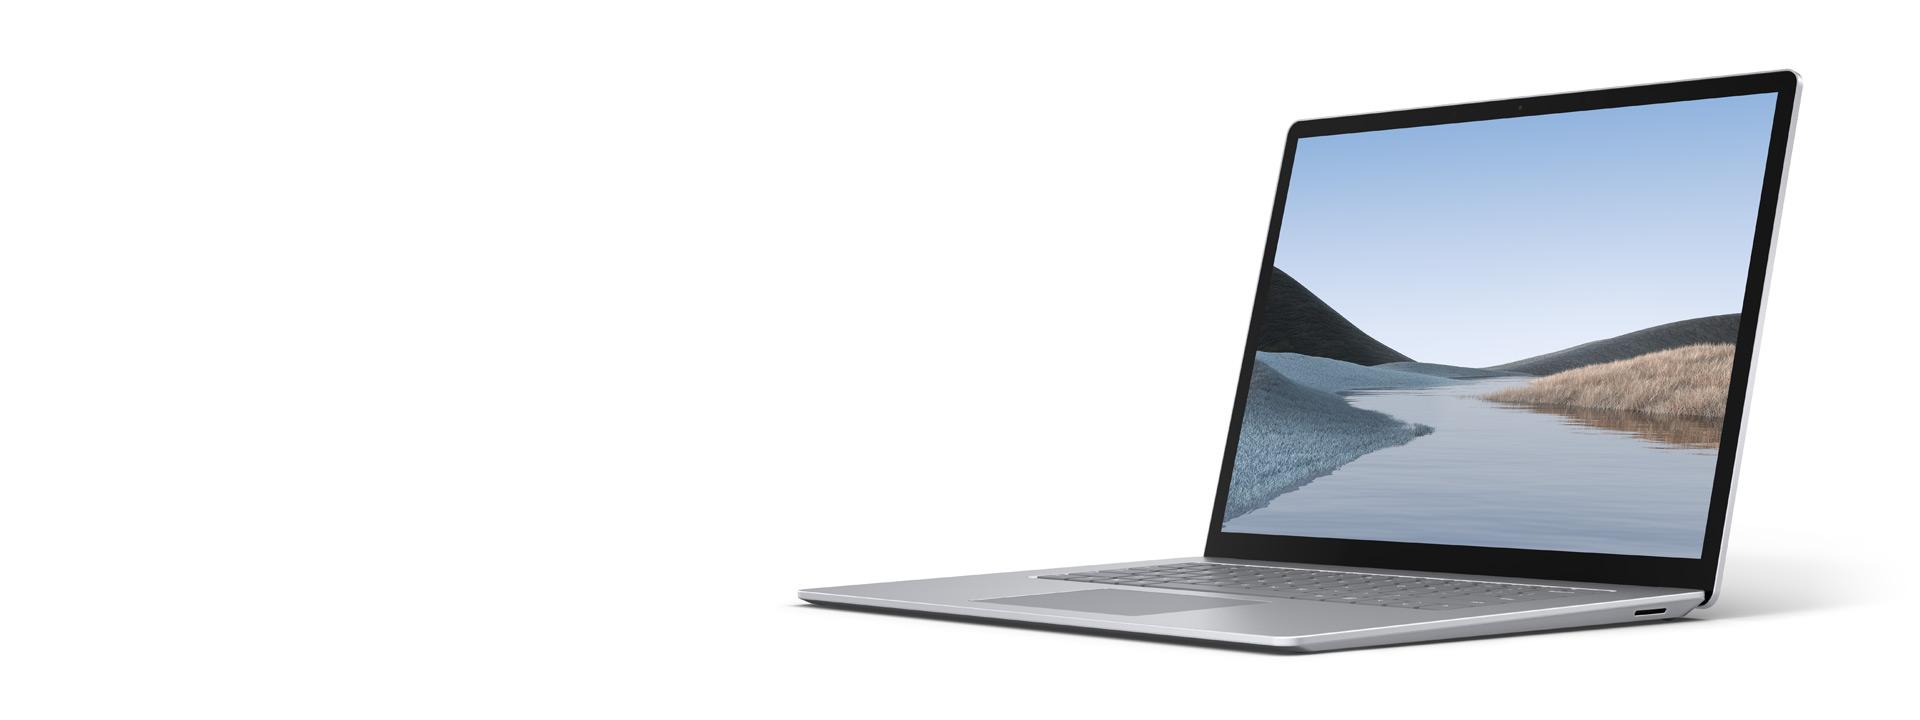 プラチナ 15 インチ Surface Laptop 3